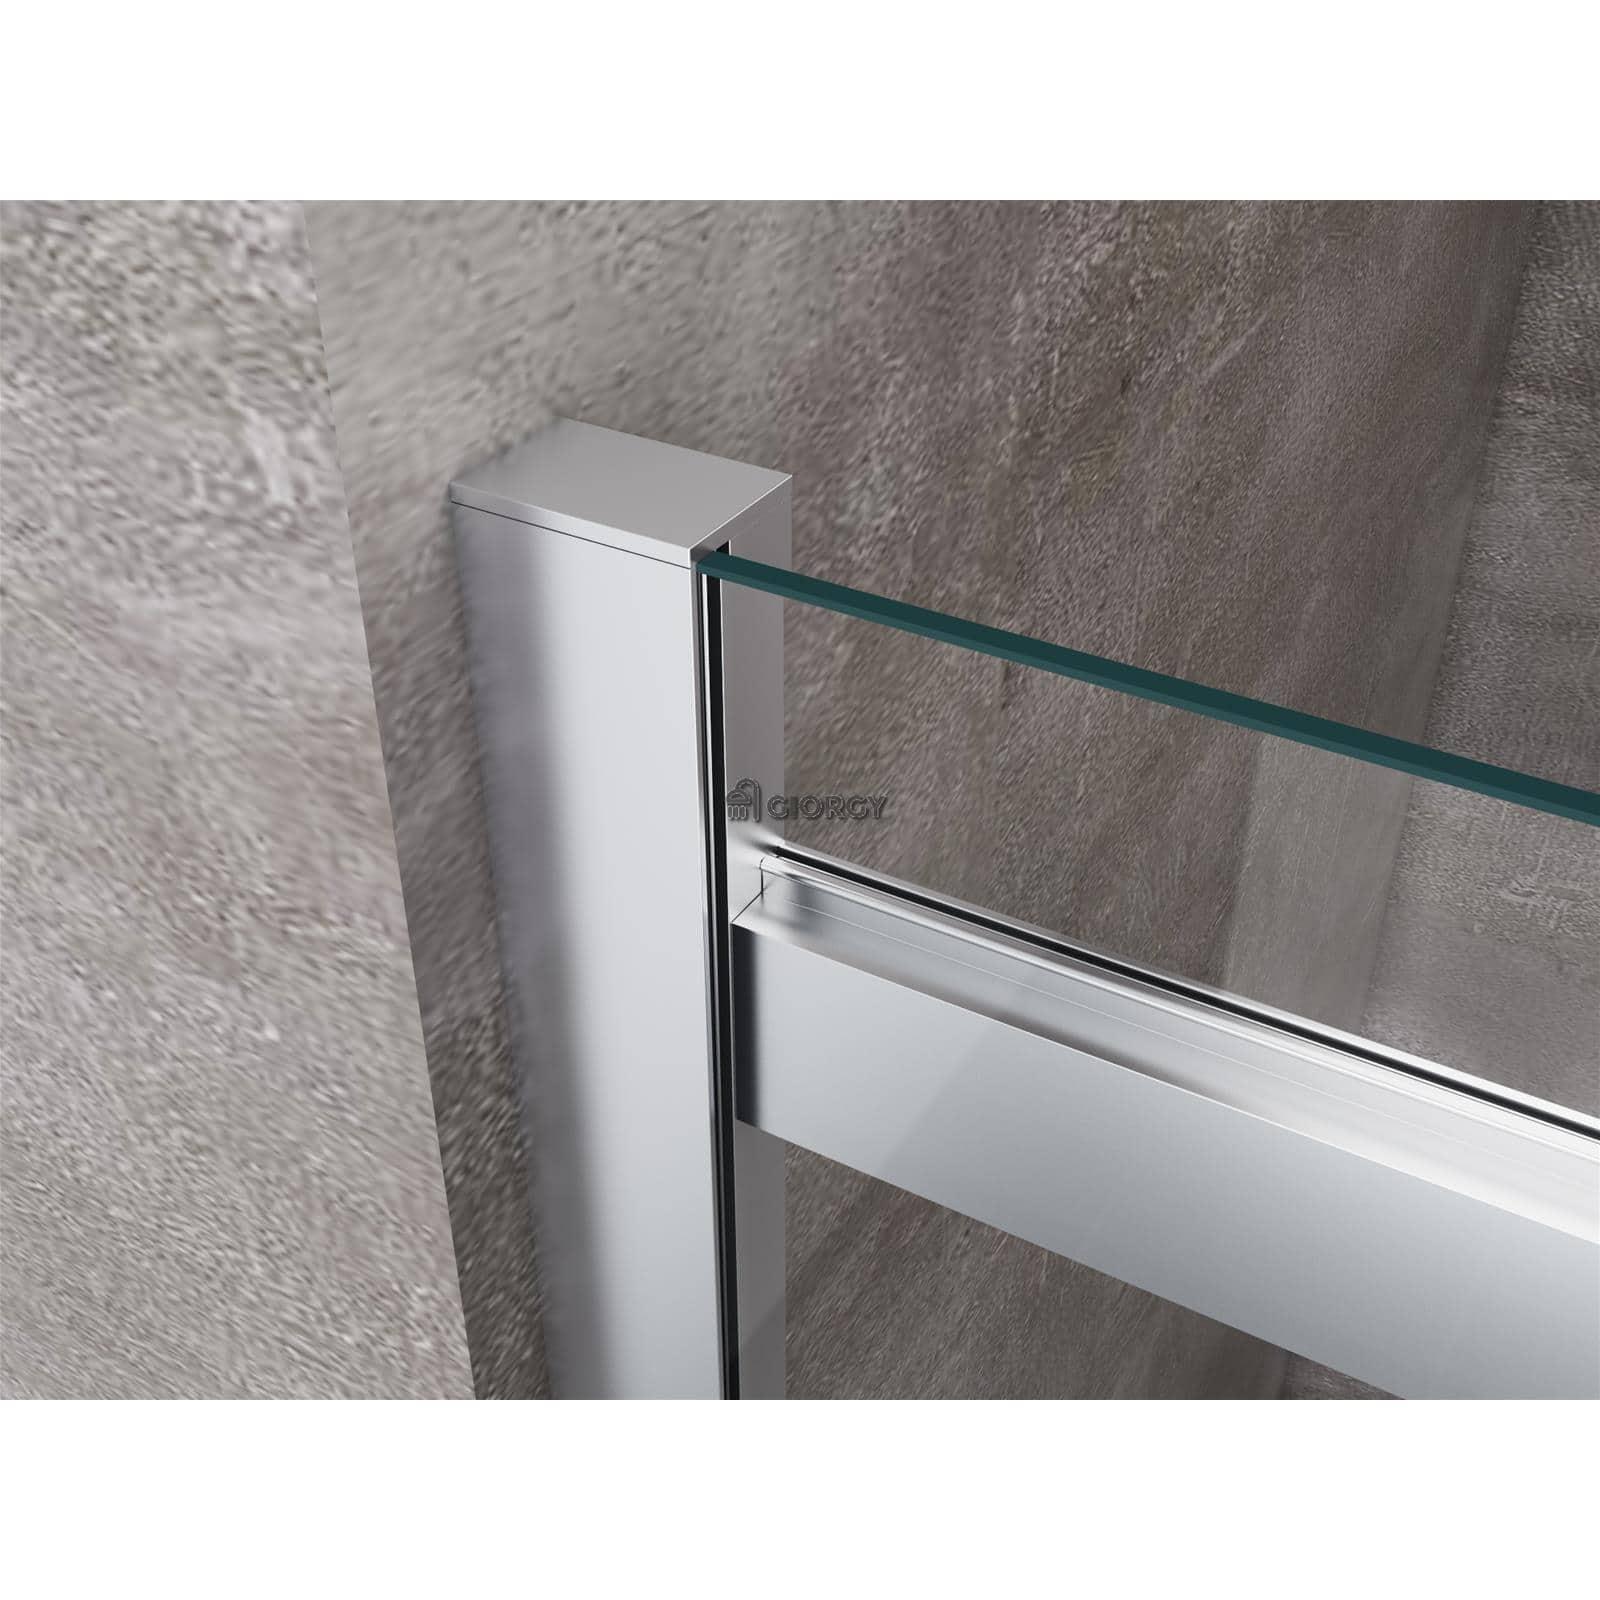 Porta doccia anta scorrevole nicchia cristallo 8 mm 100 120 140 160 170 bagno ebay - Porta scorrevole per doccia ...